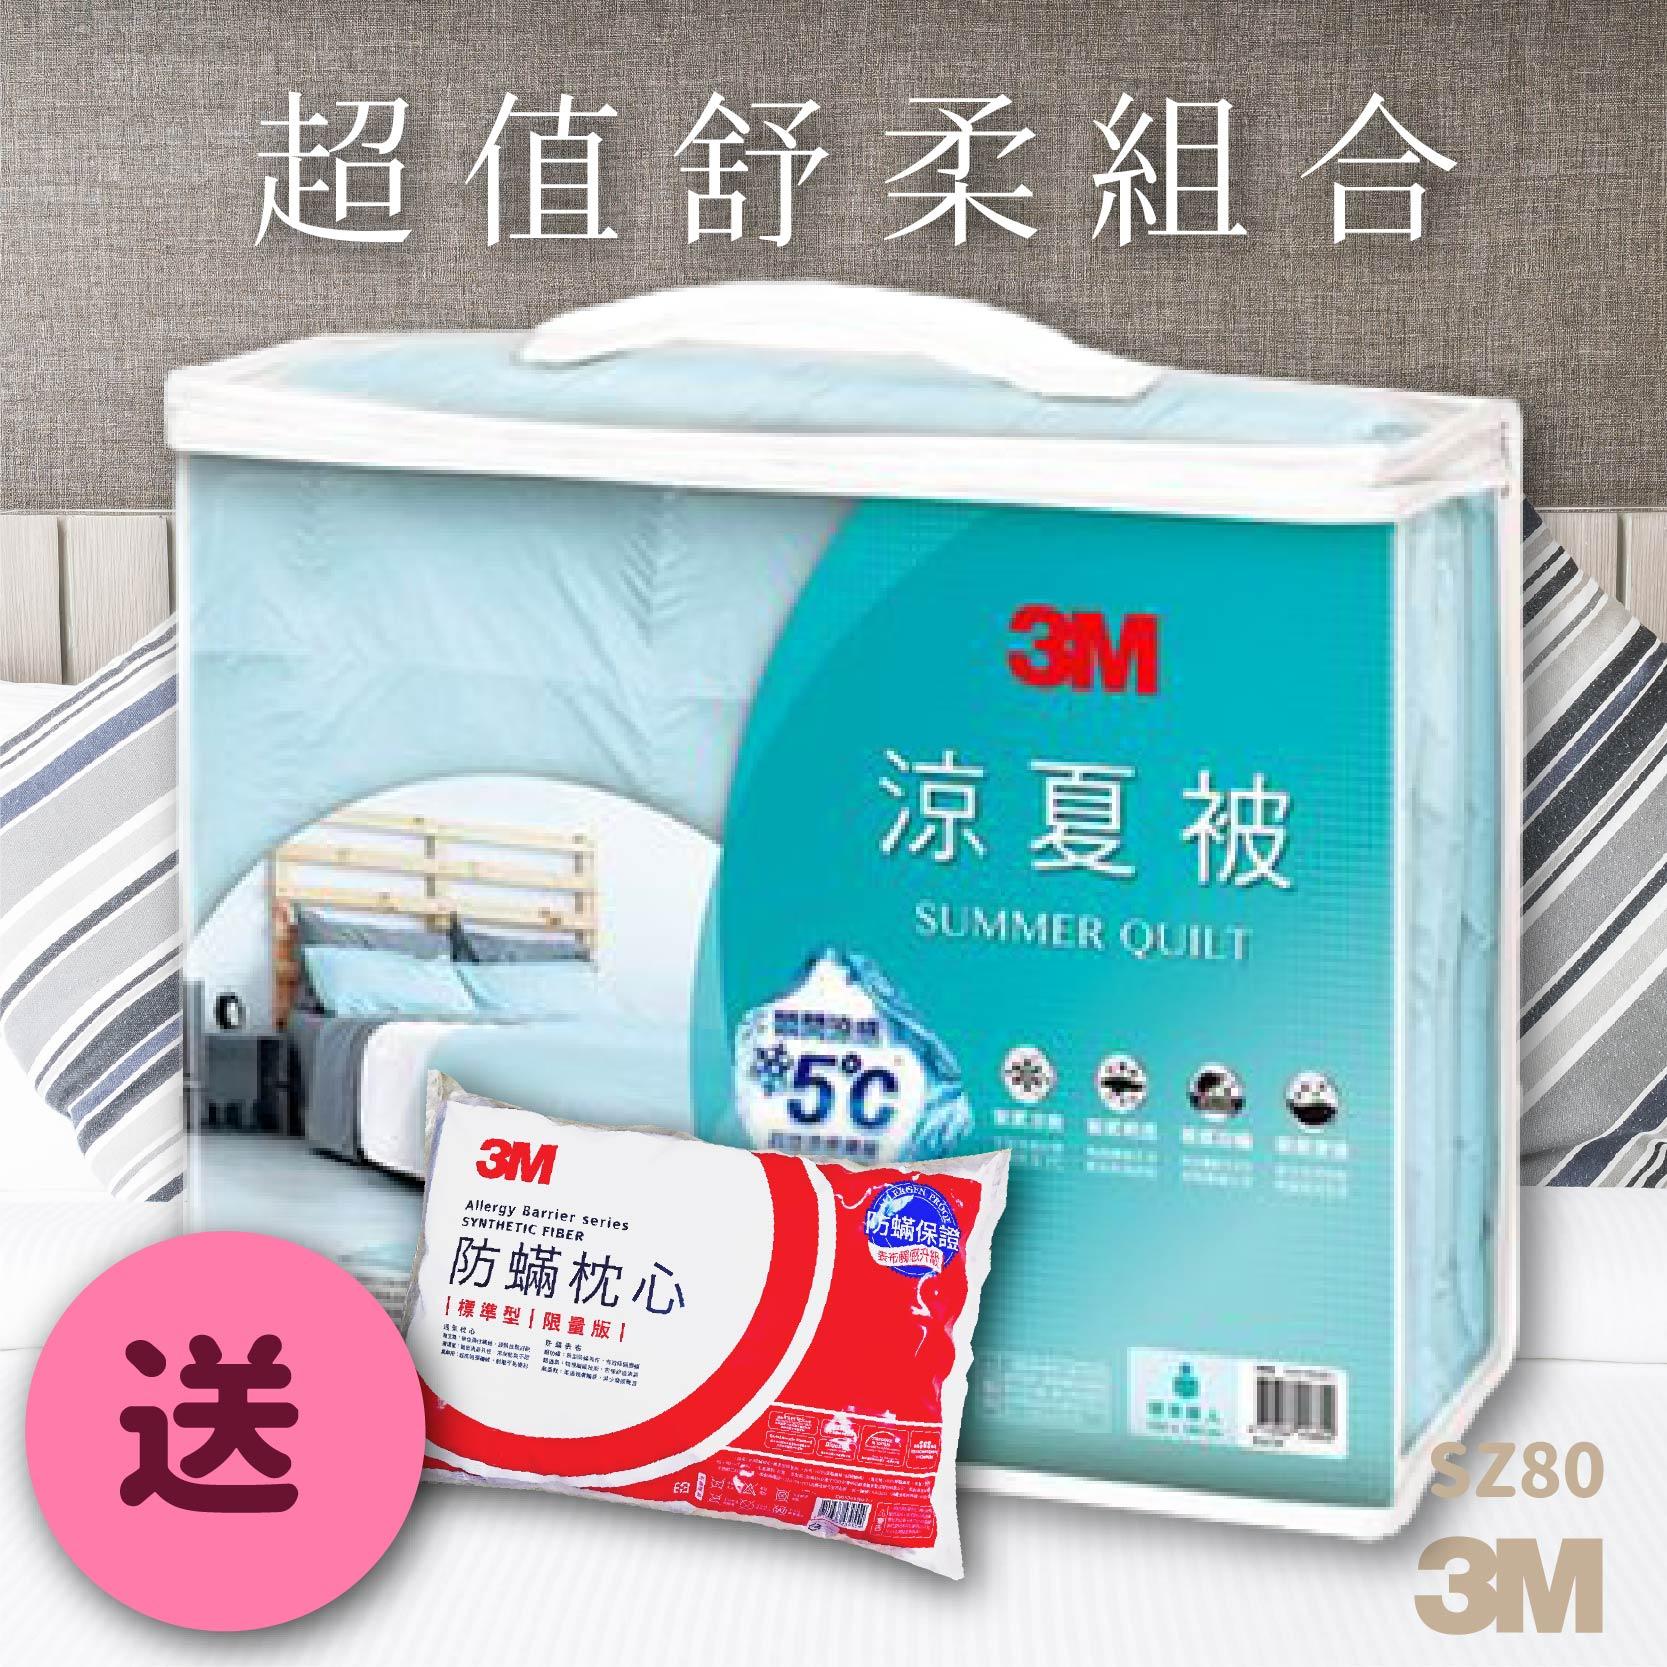 《限量送3M枕頭》3M SZ80涼夏被單人 送 3M防蹣枕頭標準型 防蹣 枕頭 棉被 被子 透氣 可水洗